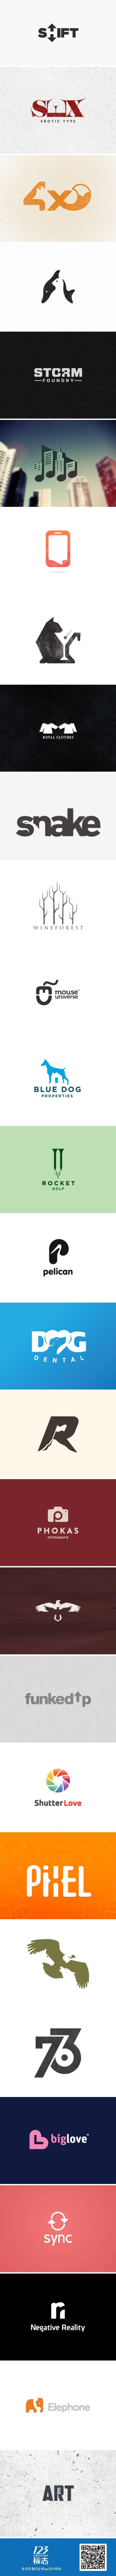 28个超有创意的 negative space 负空间logo设计